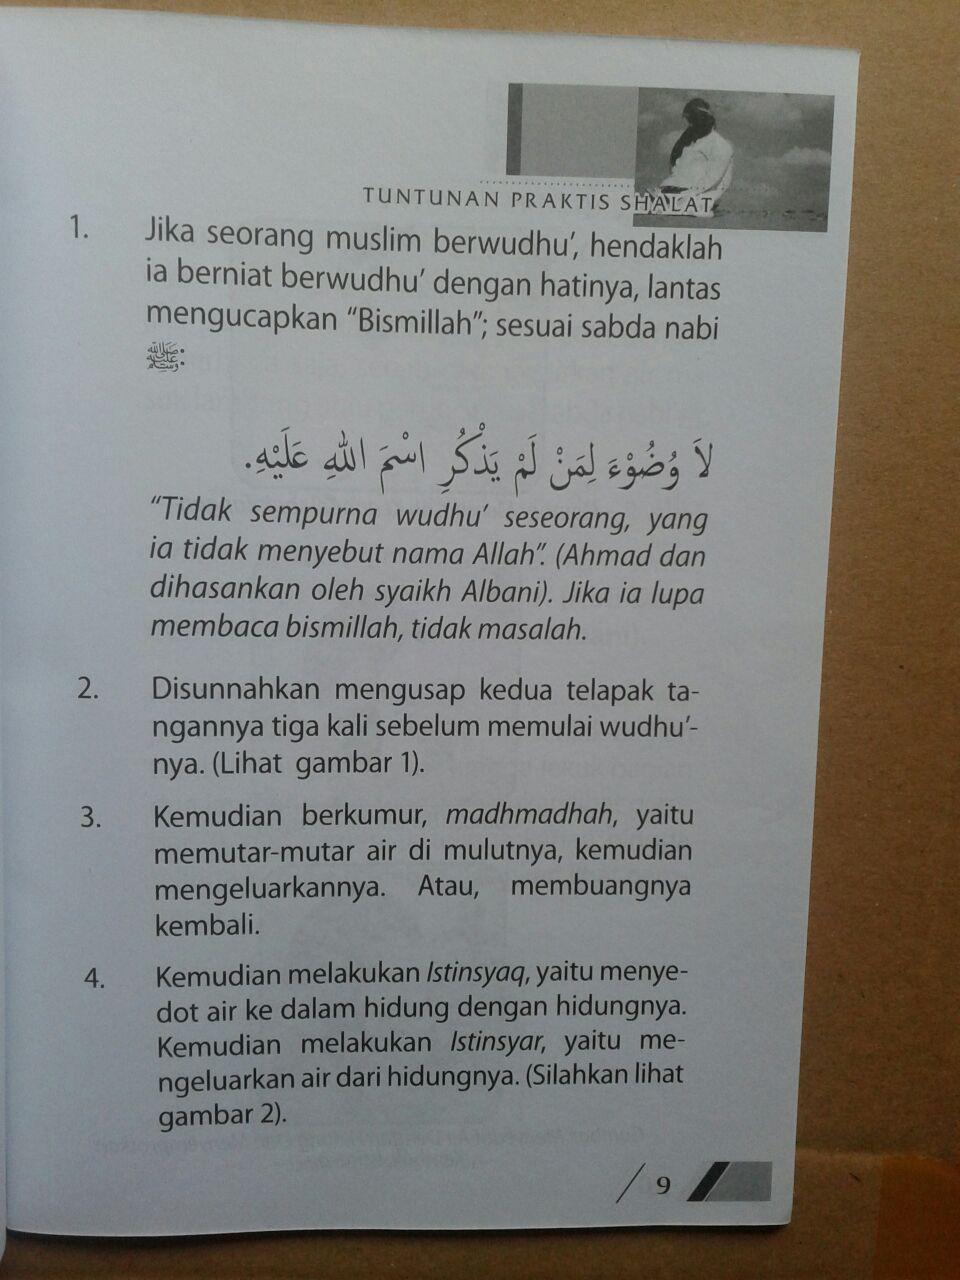 Buku Tuntunan Praktis Shalat Nabi isi 2